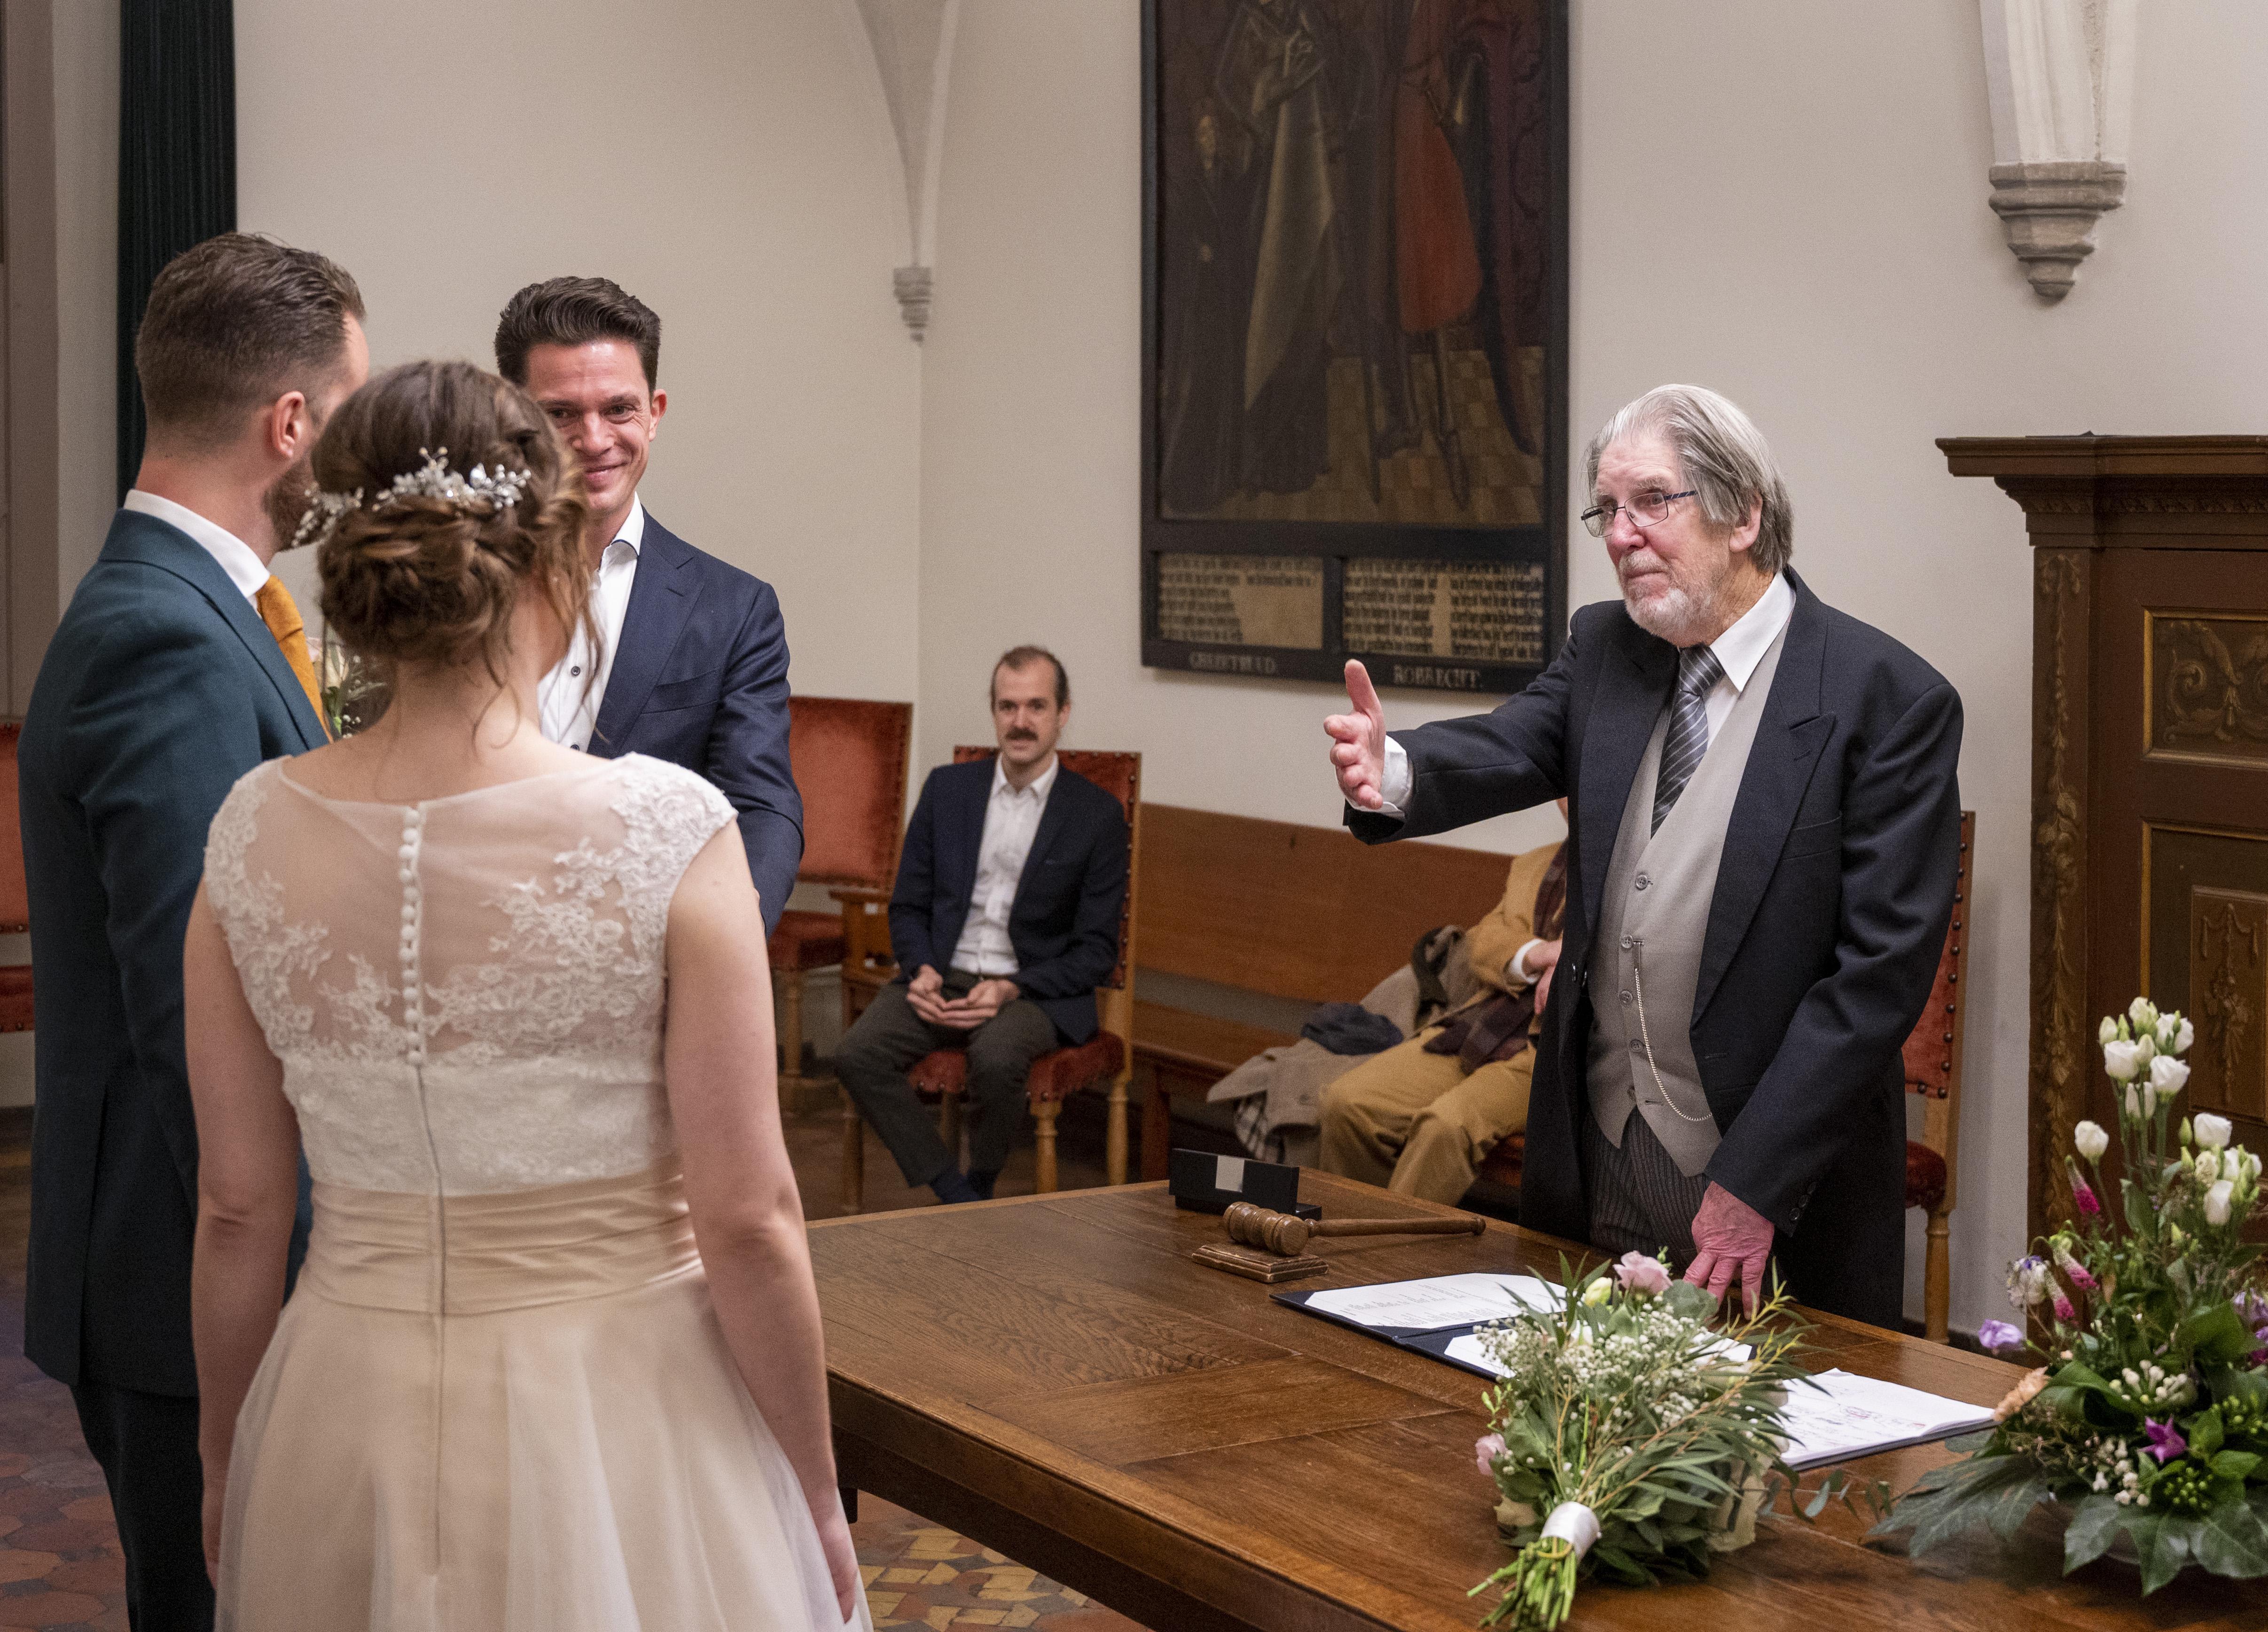 Na 1388 huwelijken vertrekt buitengewoon ambtenaar Lalkens van het toneel. 'Dat theatrale zit in me'